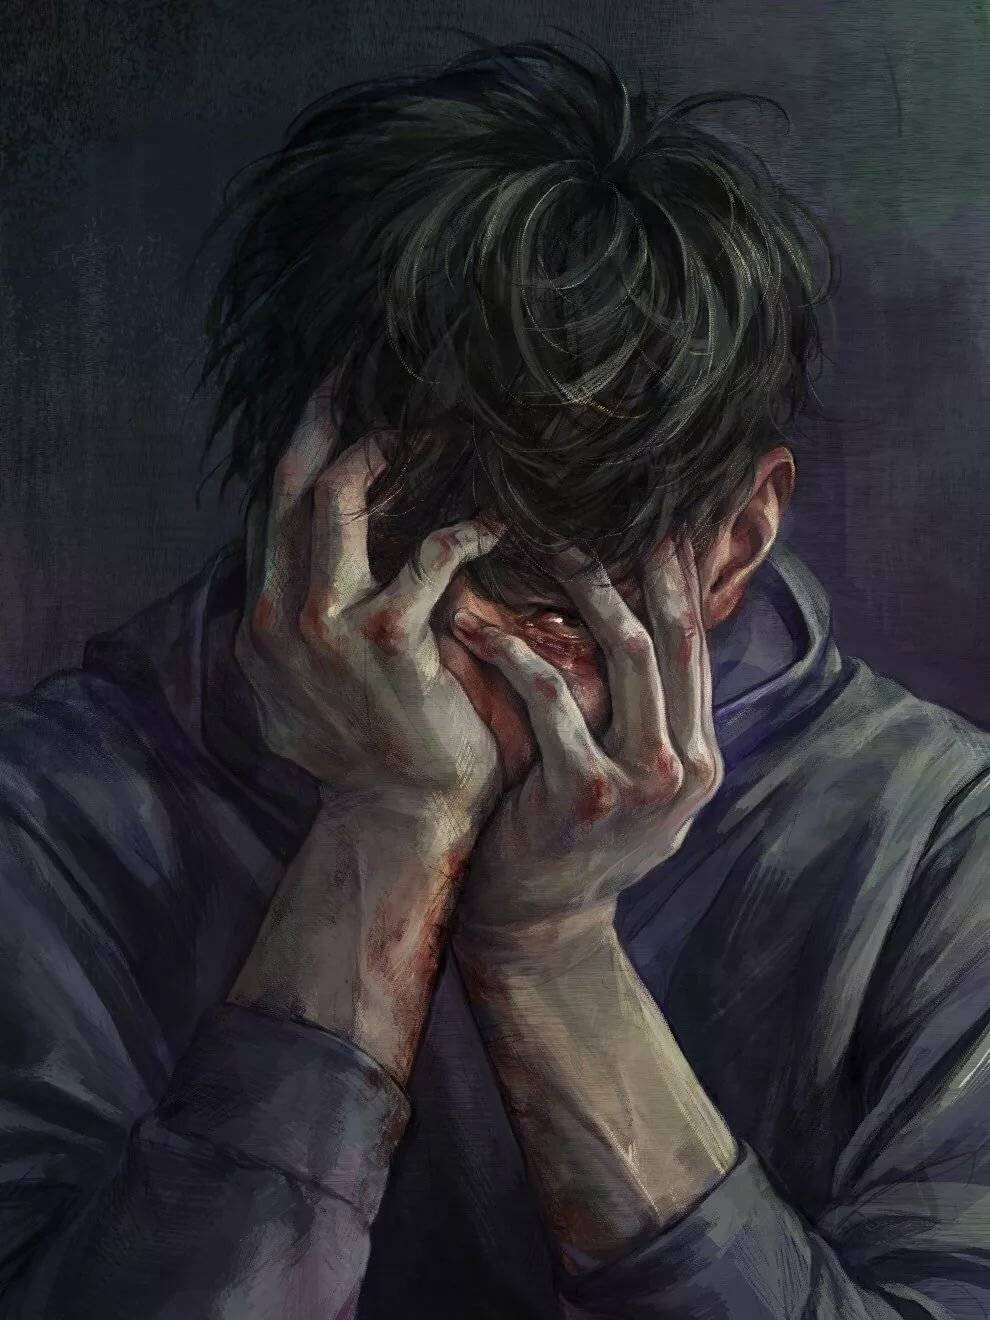 Депрессия – симптомы у женщин, виды и как выйти из состояния депрессии?